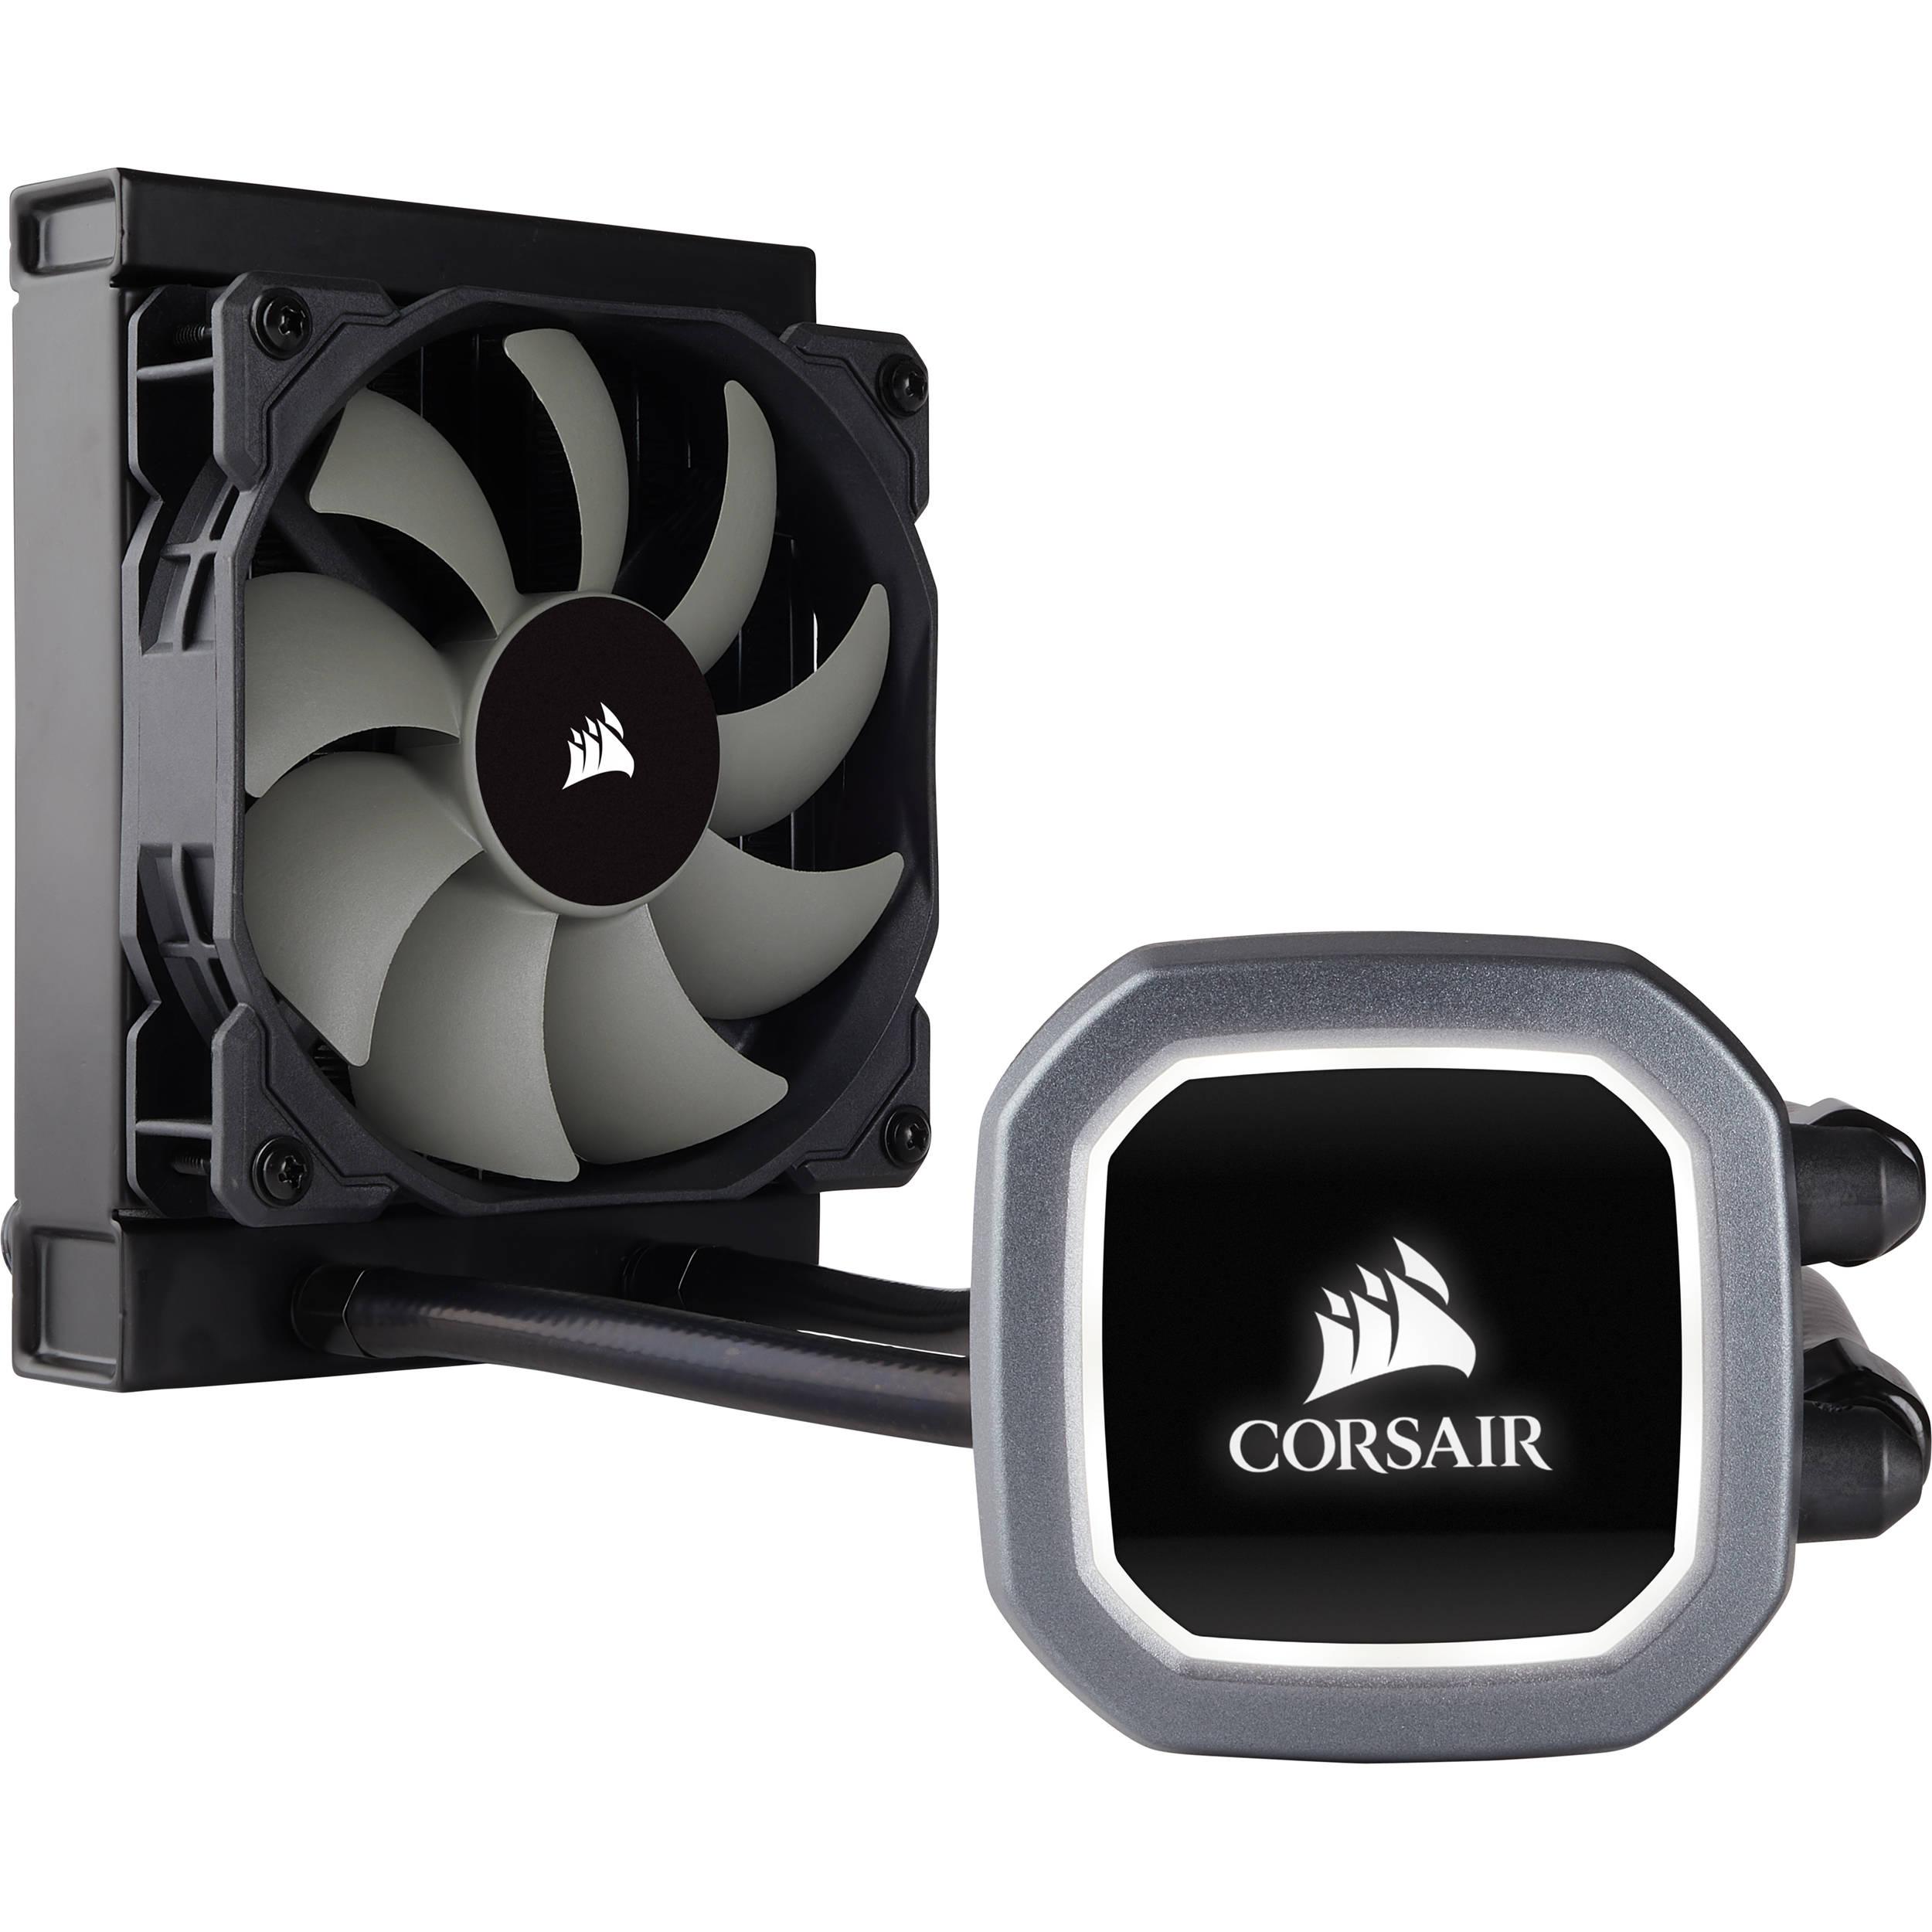 Corsair Hydro Series H60 Liquid Cpu Cooler Cw 9060036 Ww B Amp H